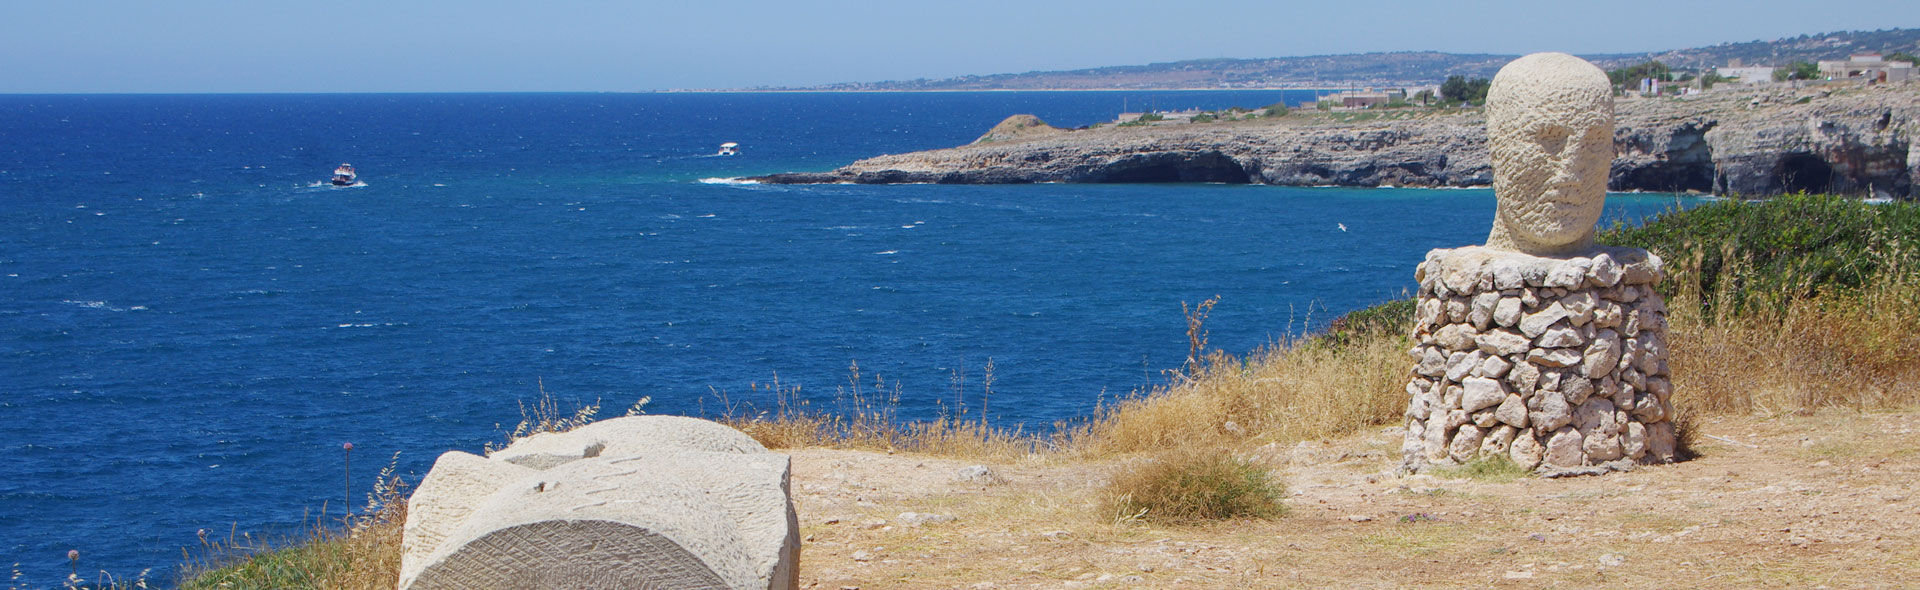 Apuliens Ionische Küste